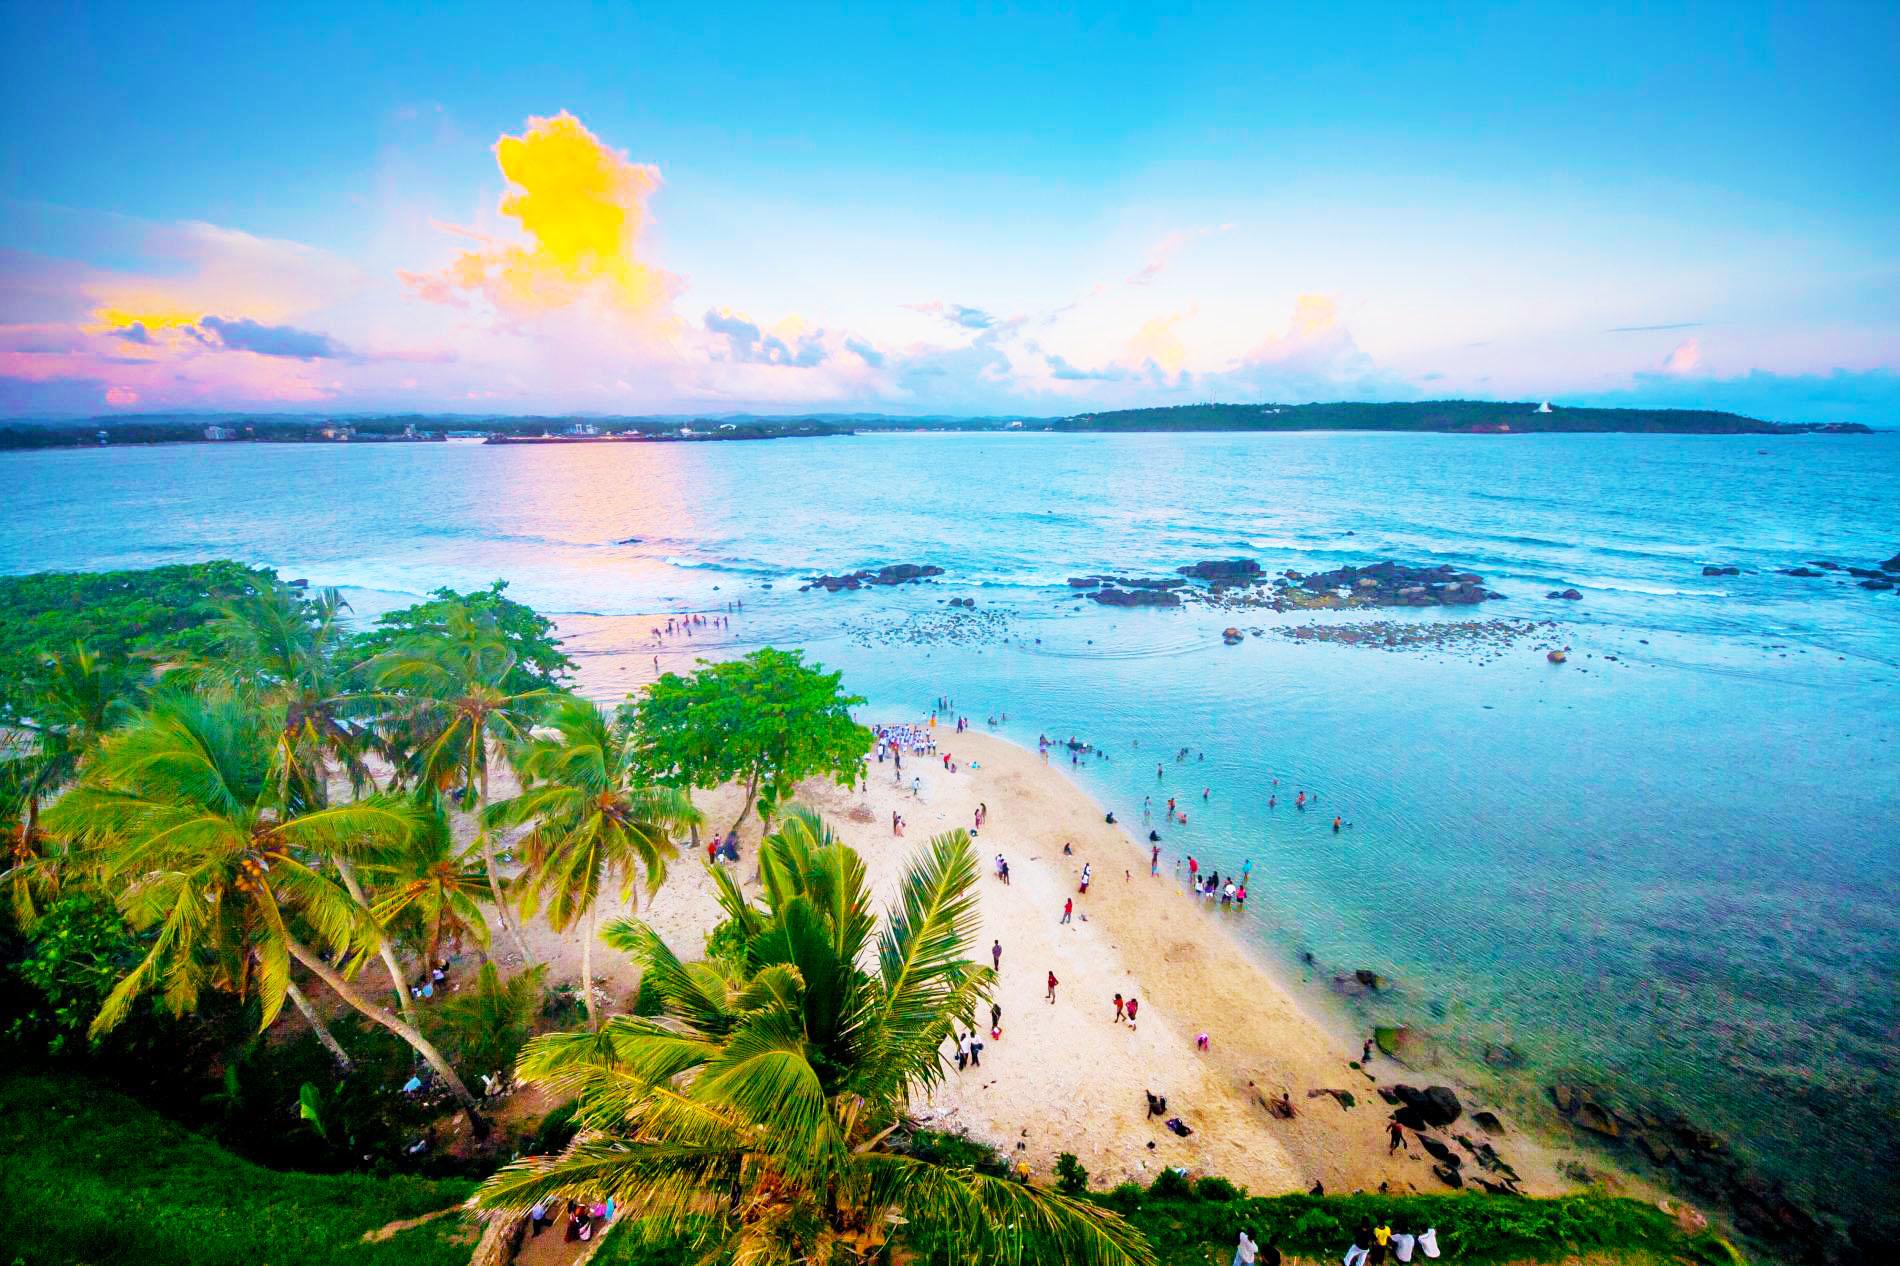 Celebrate on the beautiful South Coast beaches of Sri Lanka